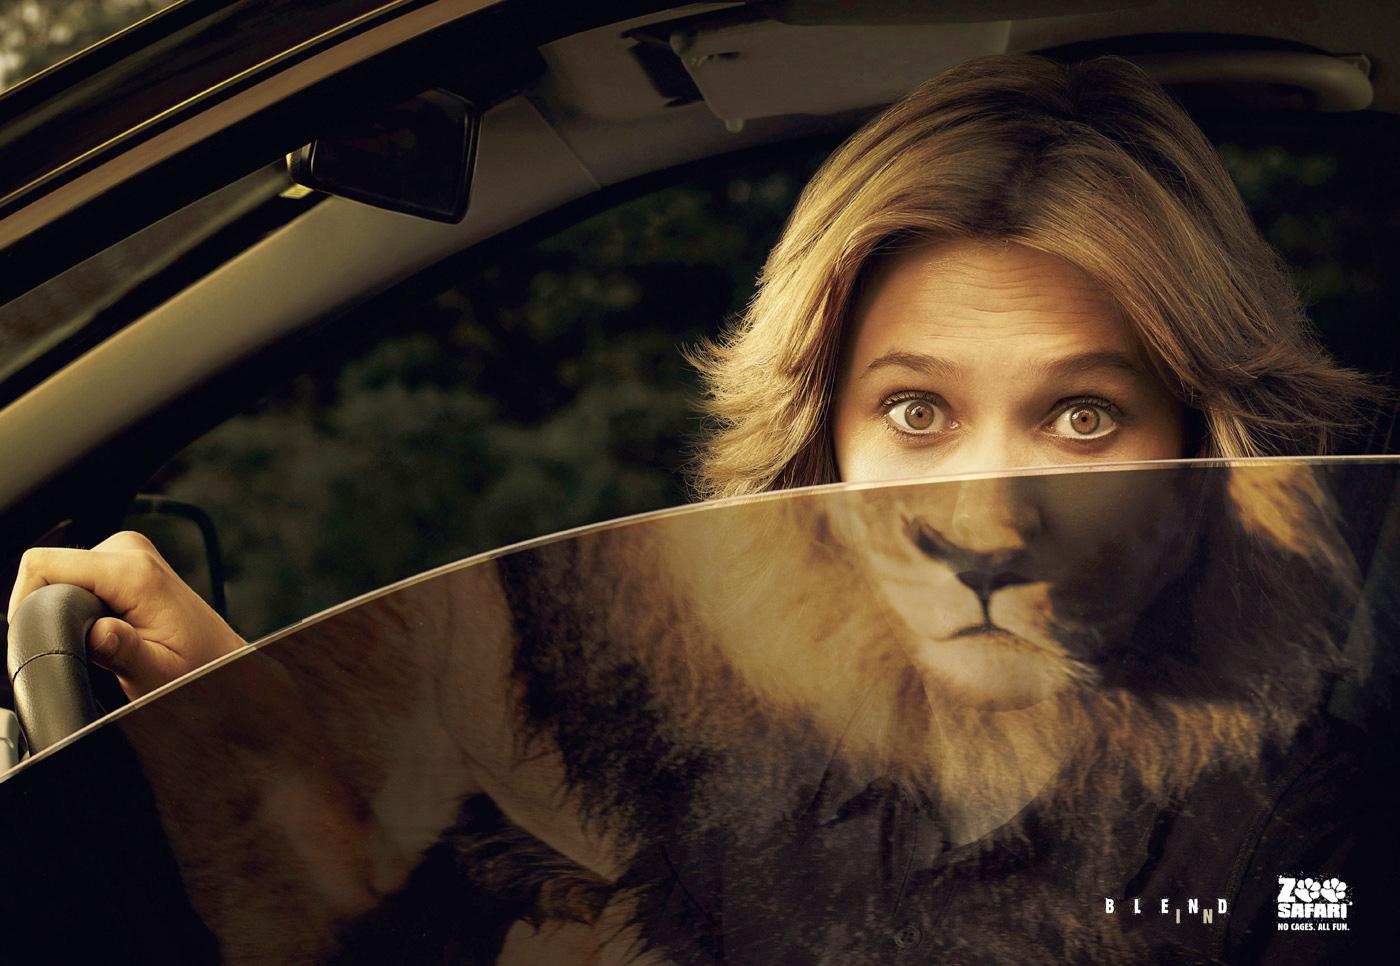 zoo - Gute Werbung Beispiele